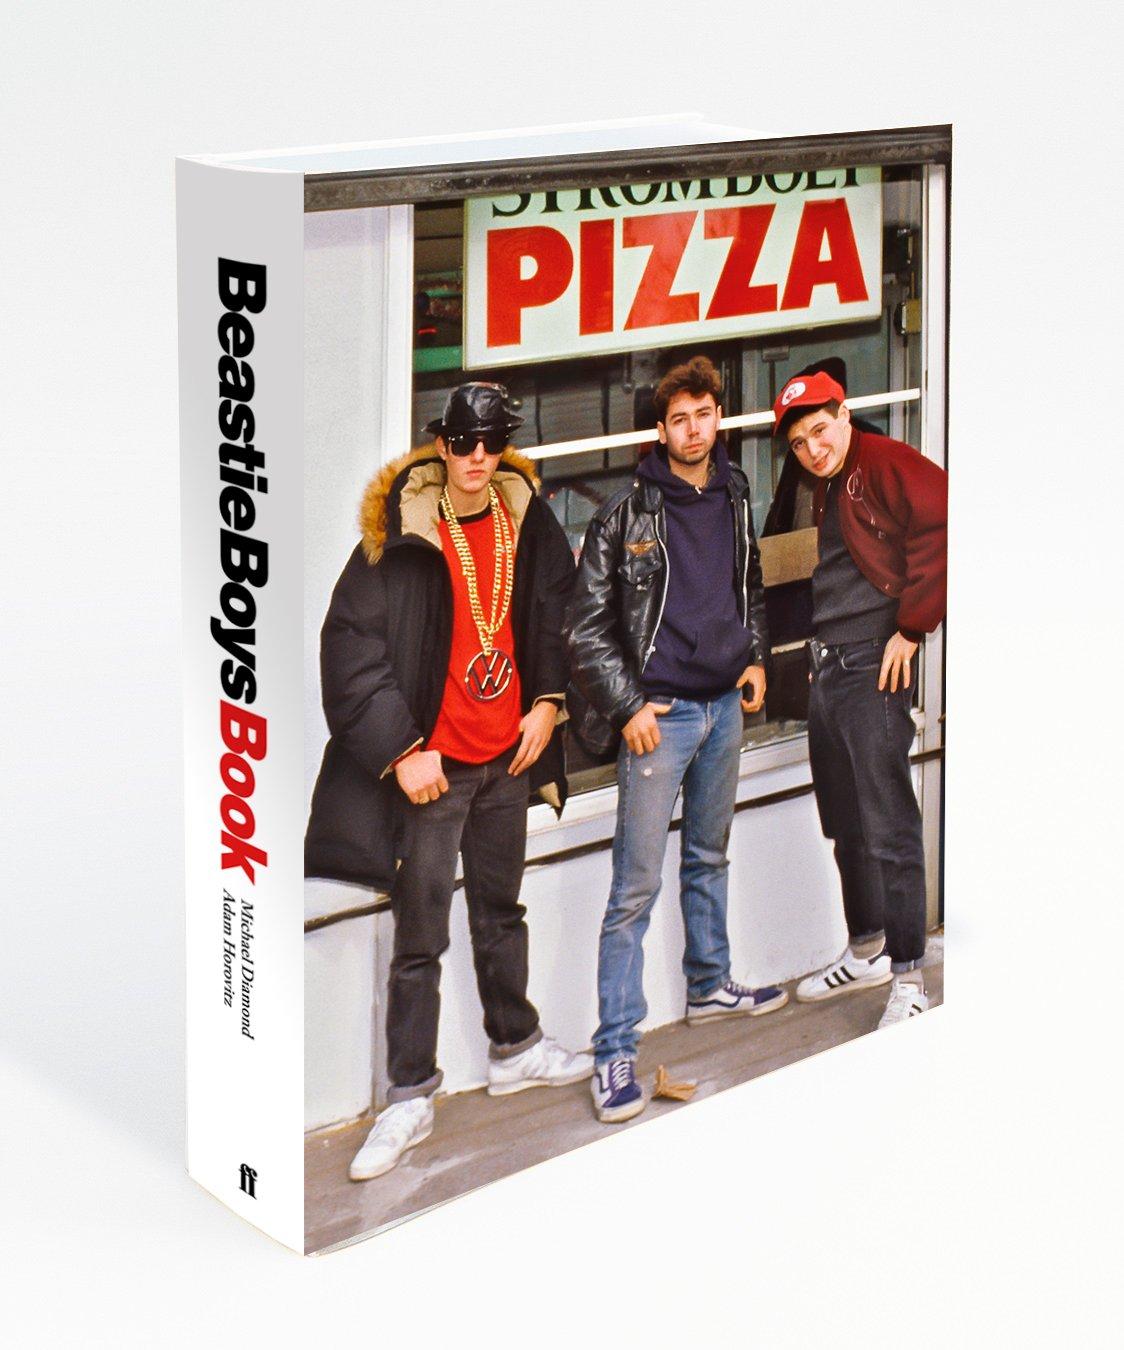 Beastieboysbook 010